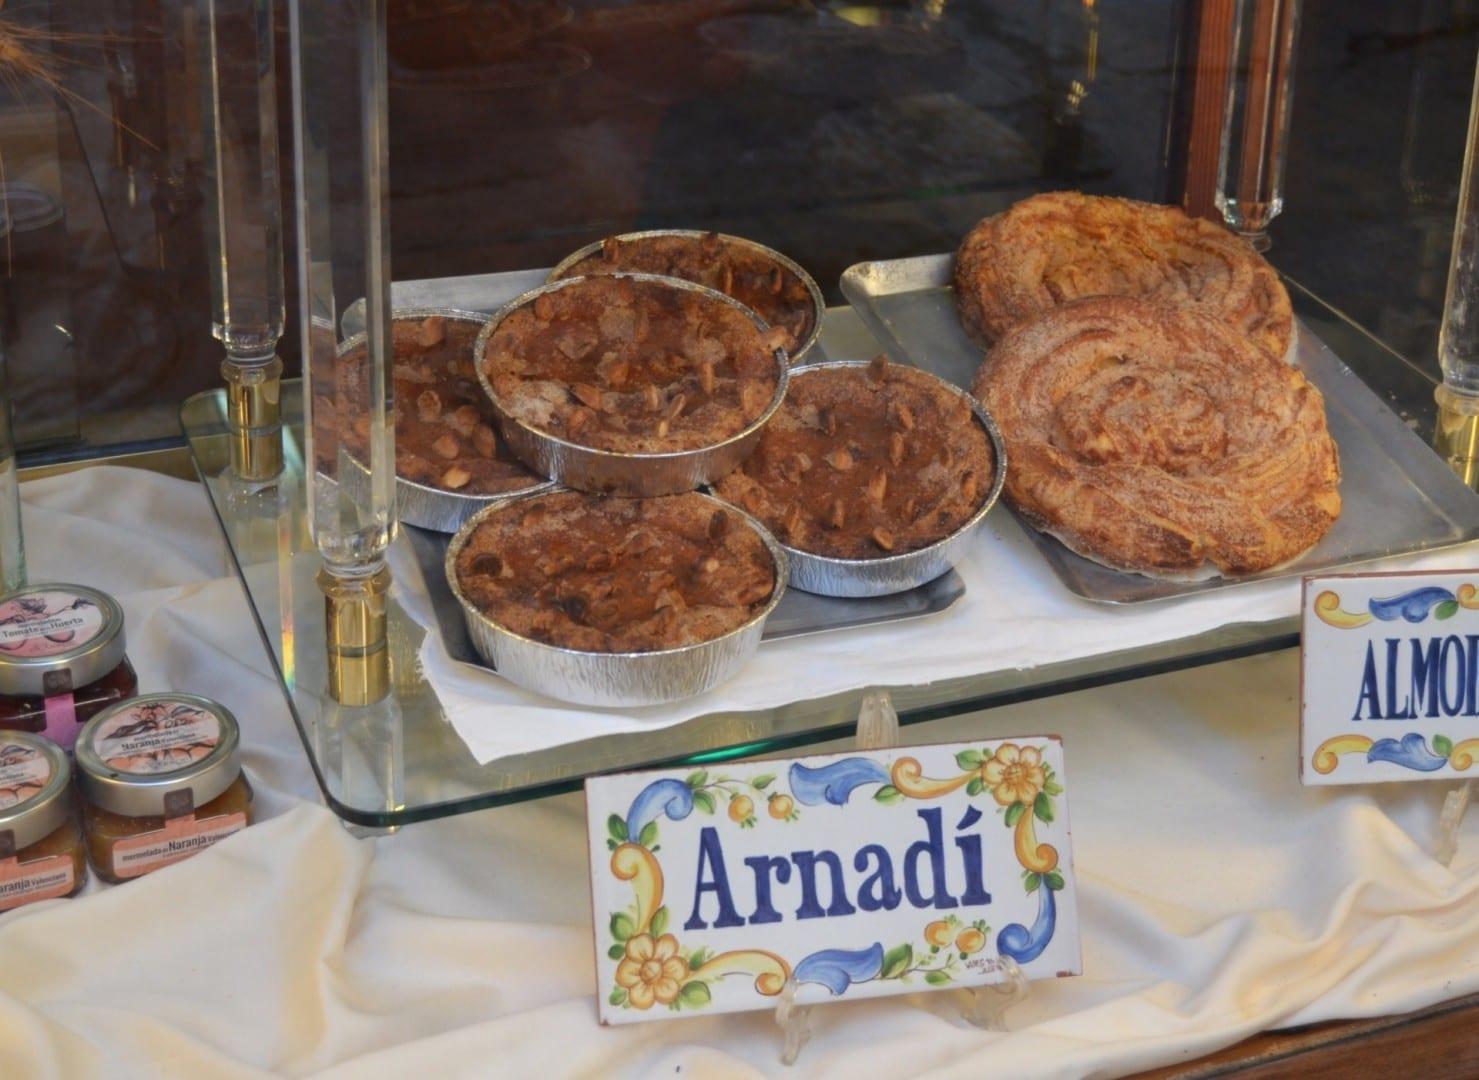 Arnadí y almoixàvena Xativa España